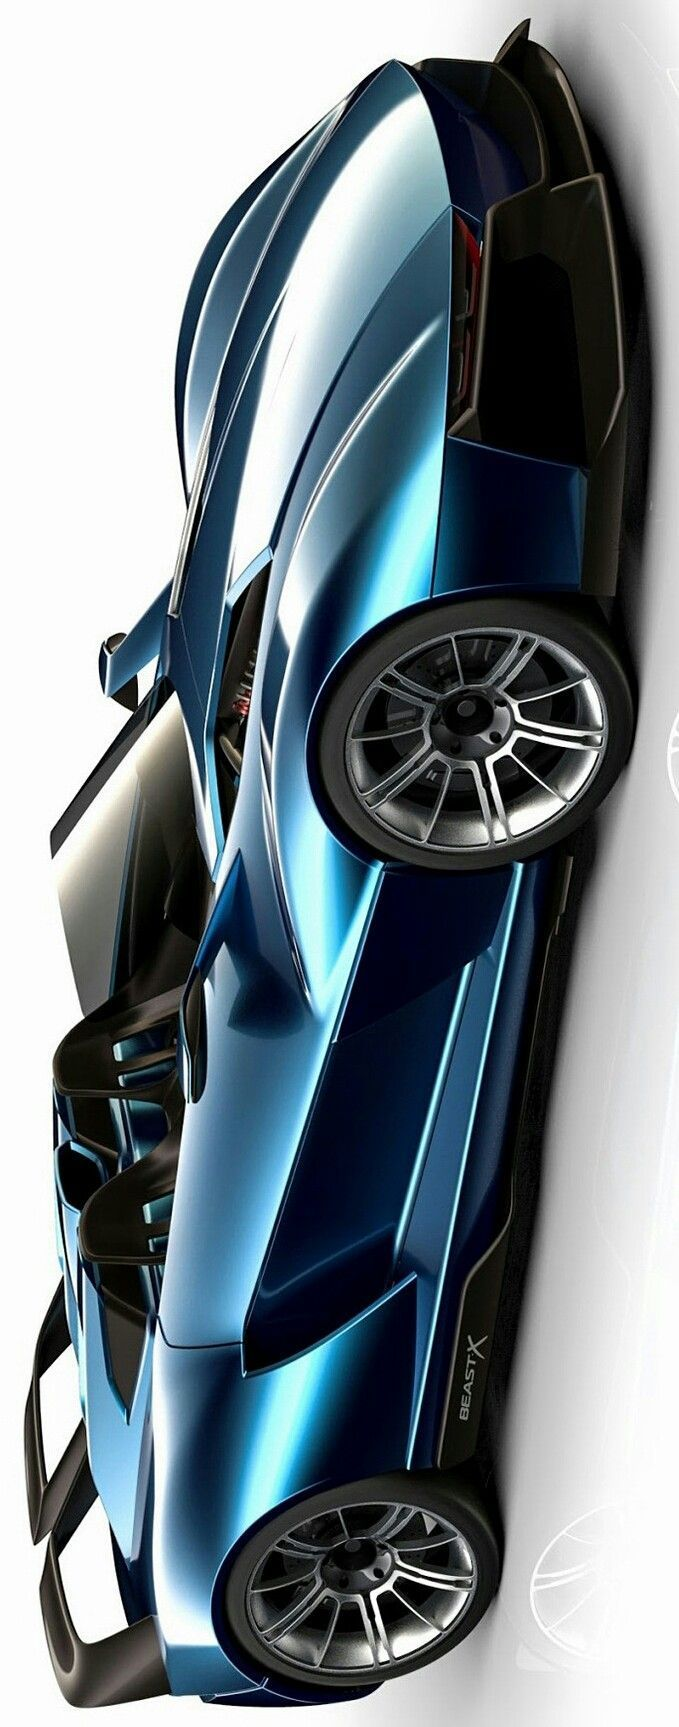 2016 Rezvani Beast X by Levon #hypercar #supercar